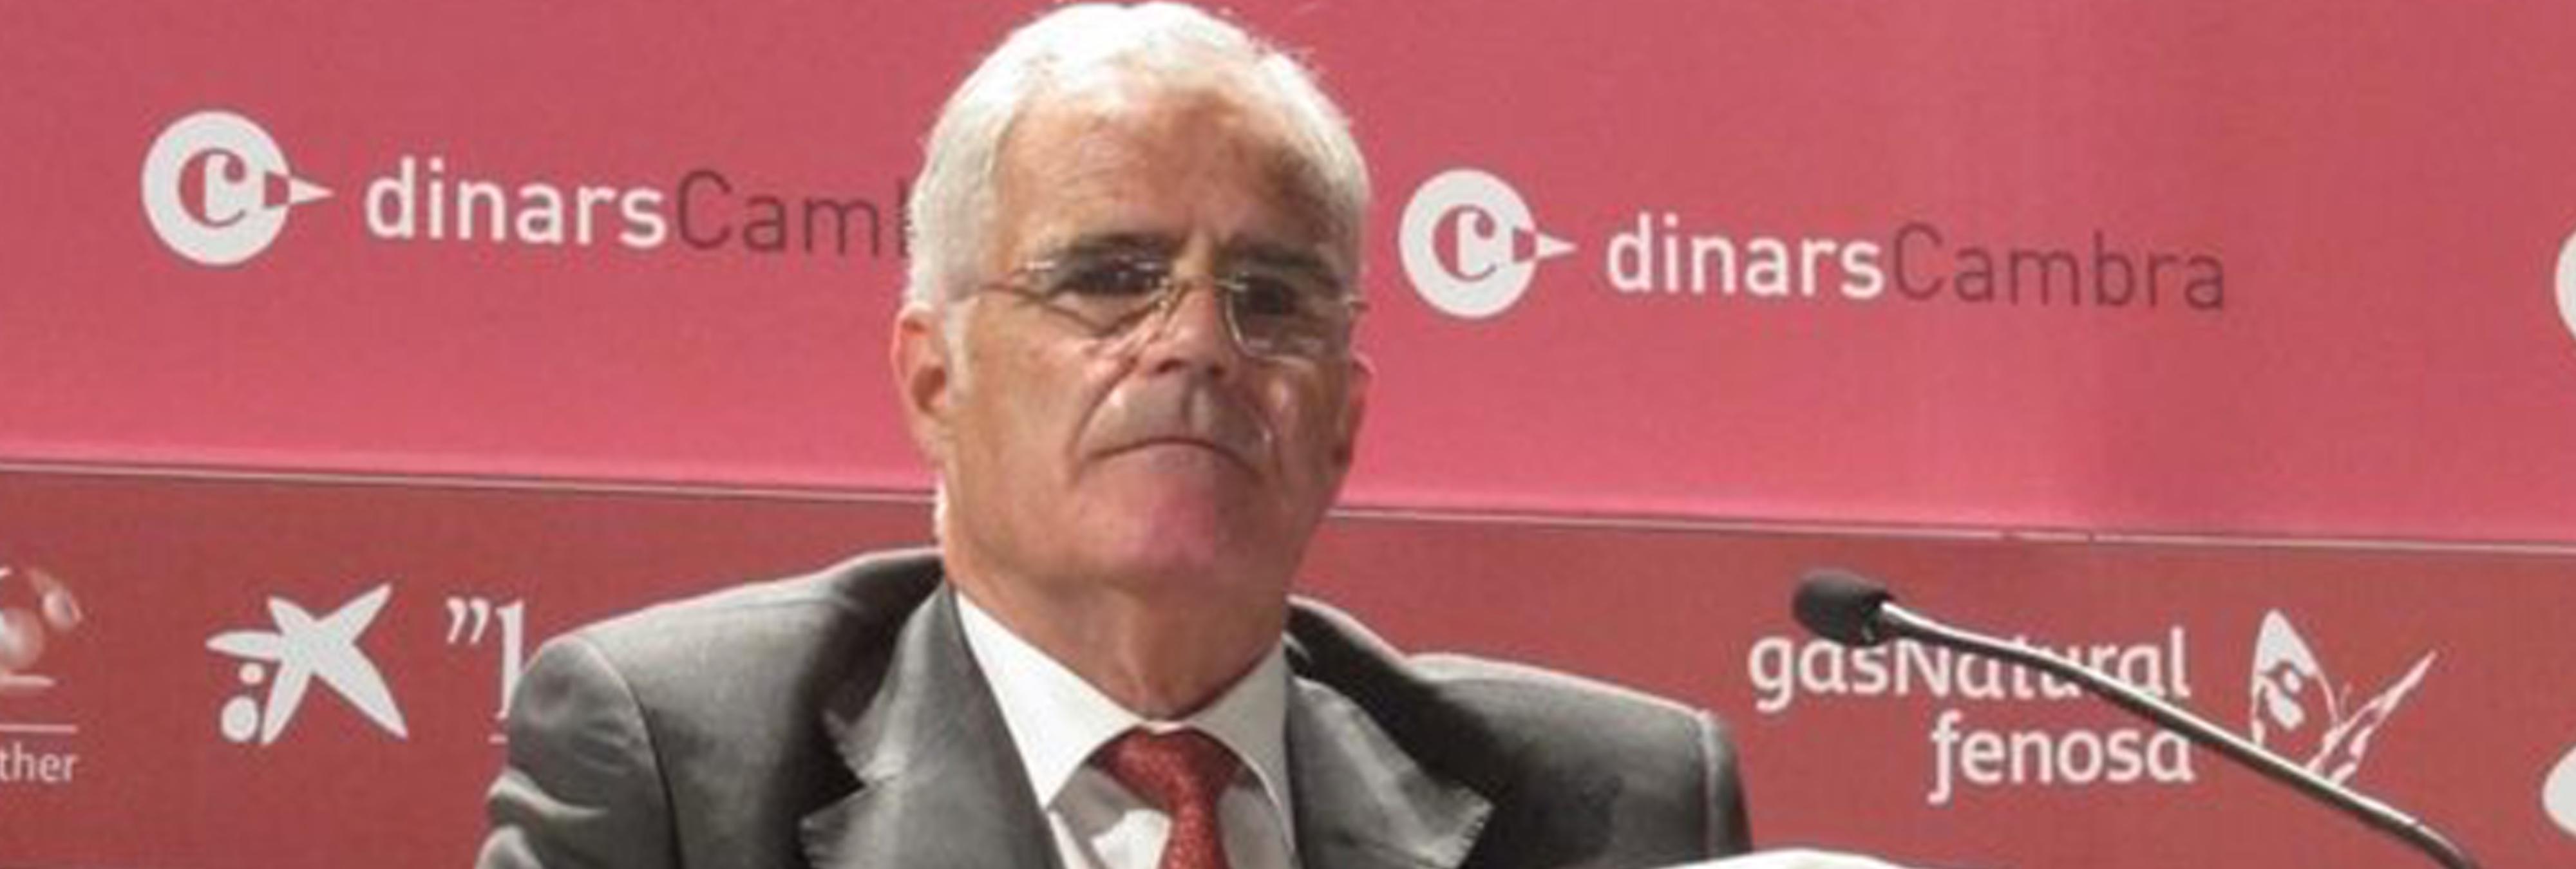 Muere el fiscal superior de Cataluña, pieza clave contra el 1-O, una semana después de Maza